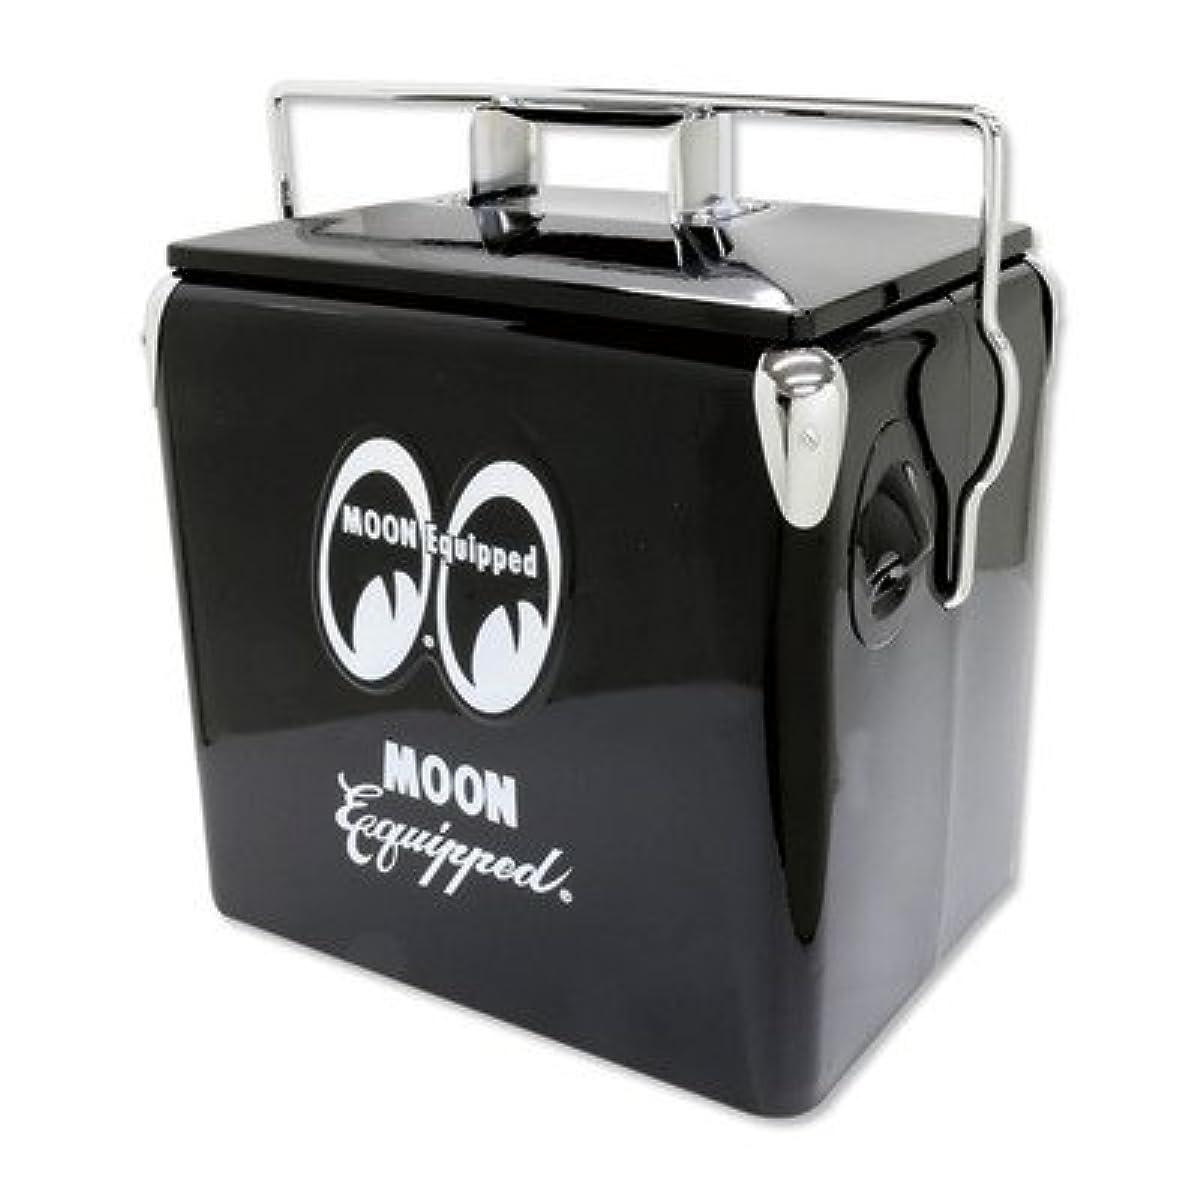 [해외] 문 이큅 드 MOON EQUIPPED 쿨러 박스 블랙 MOONEYES 그랜드 ping 캠프